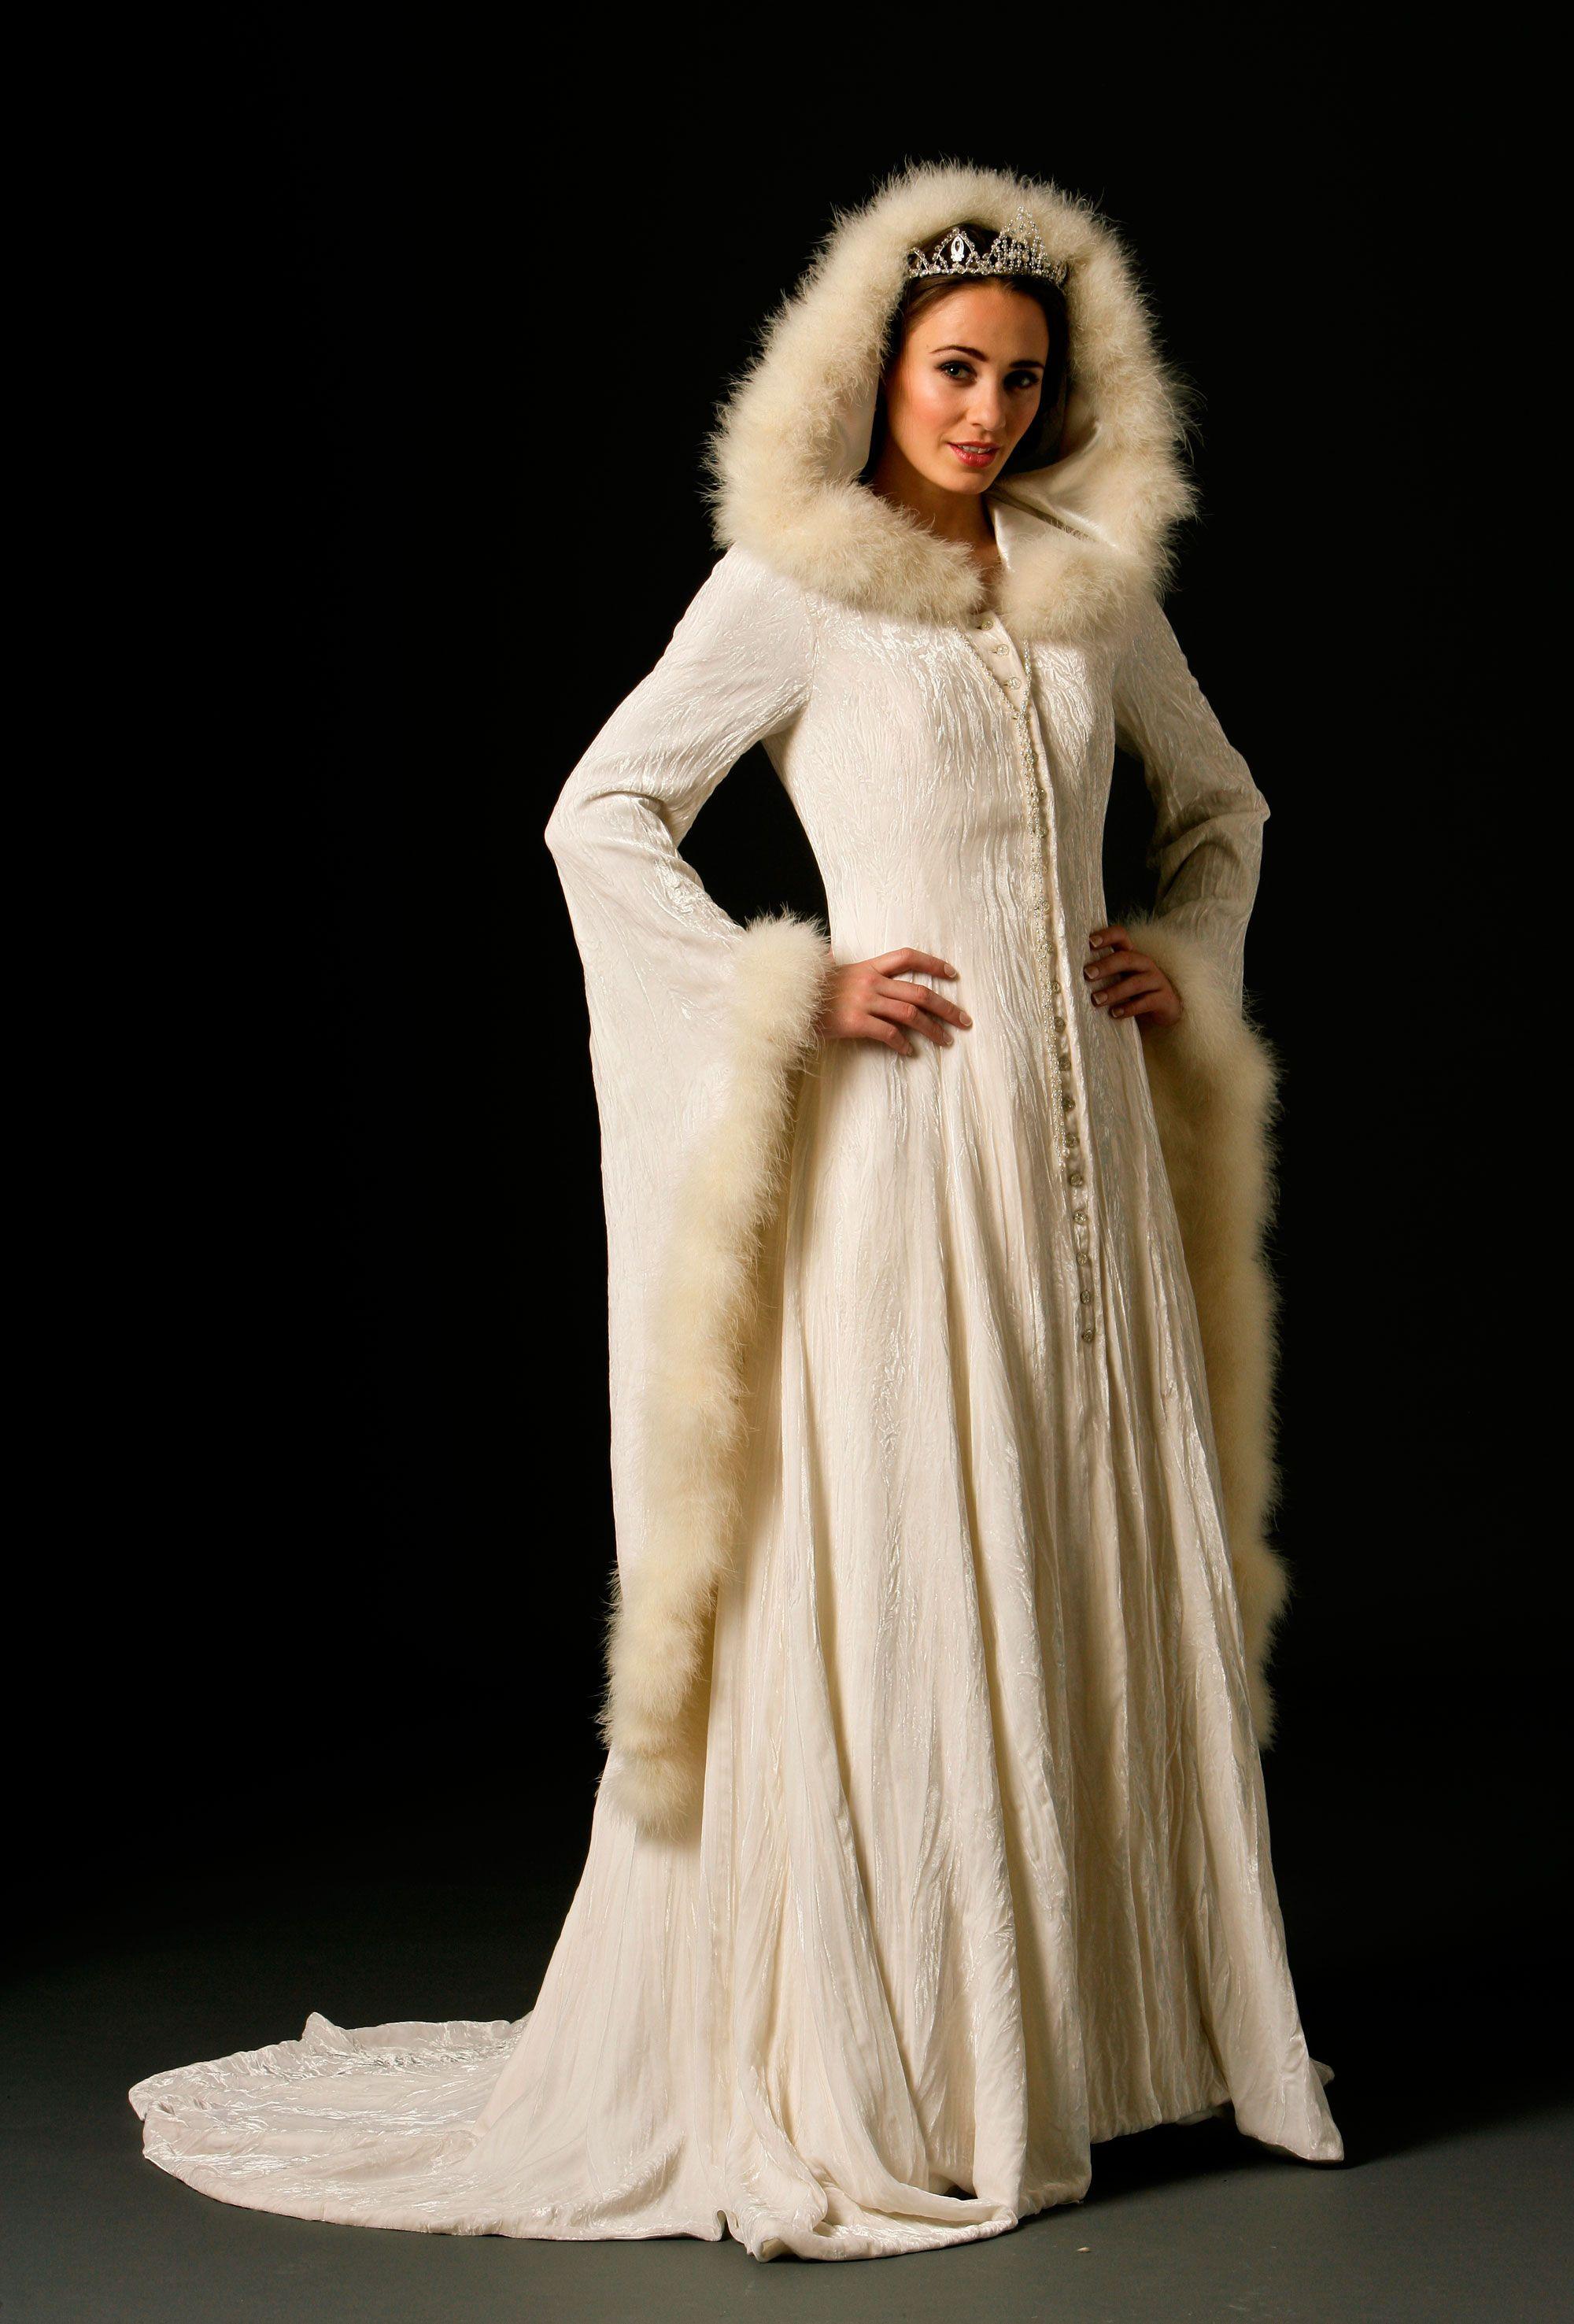 velvet wedding dress Sweeping long coat of winter white crushed silk velvet Full skirt with train